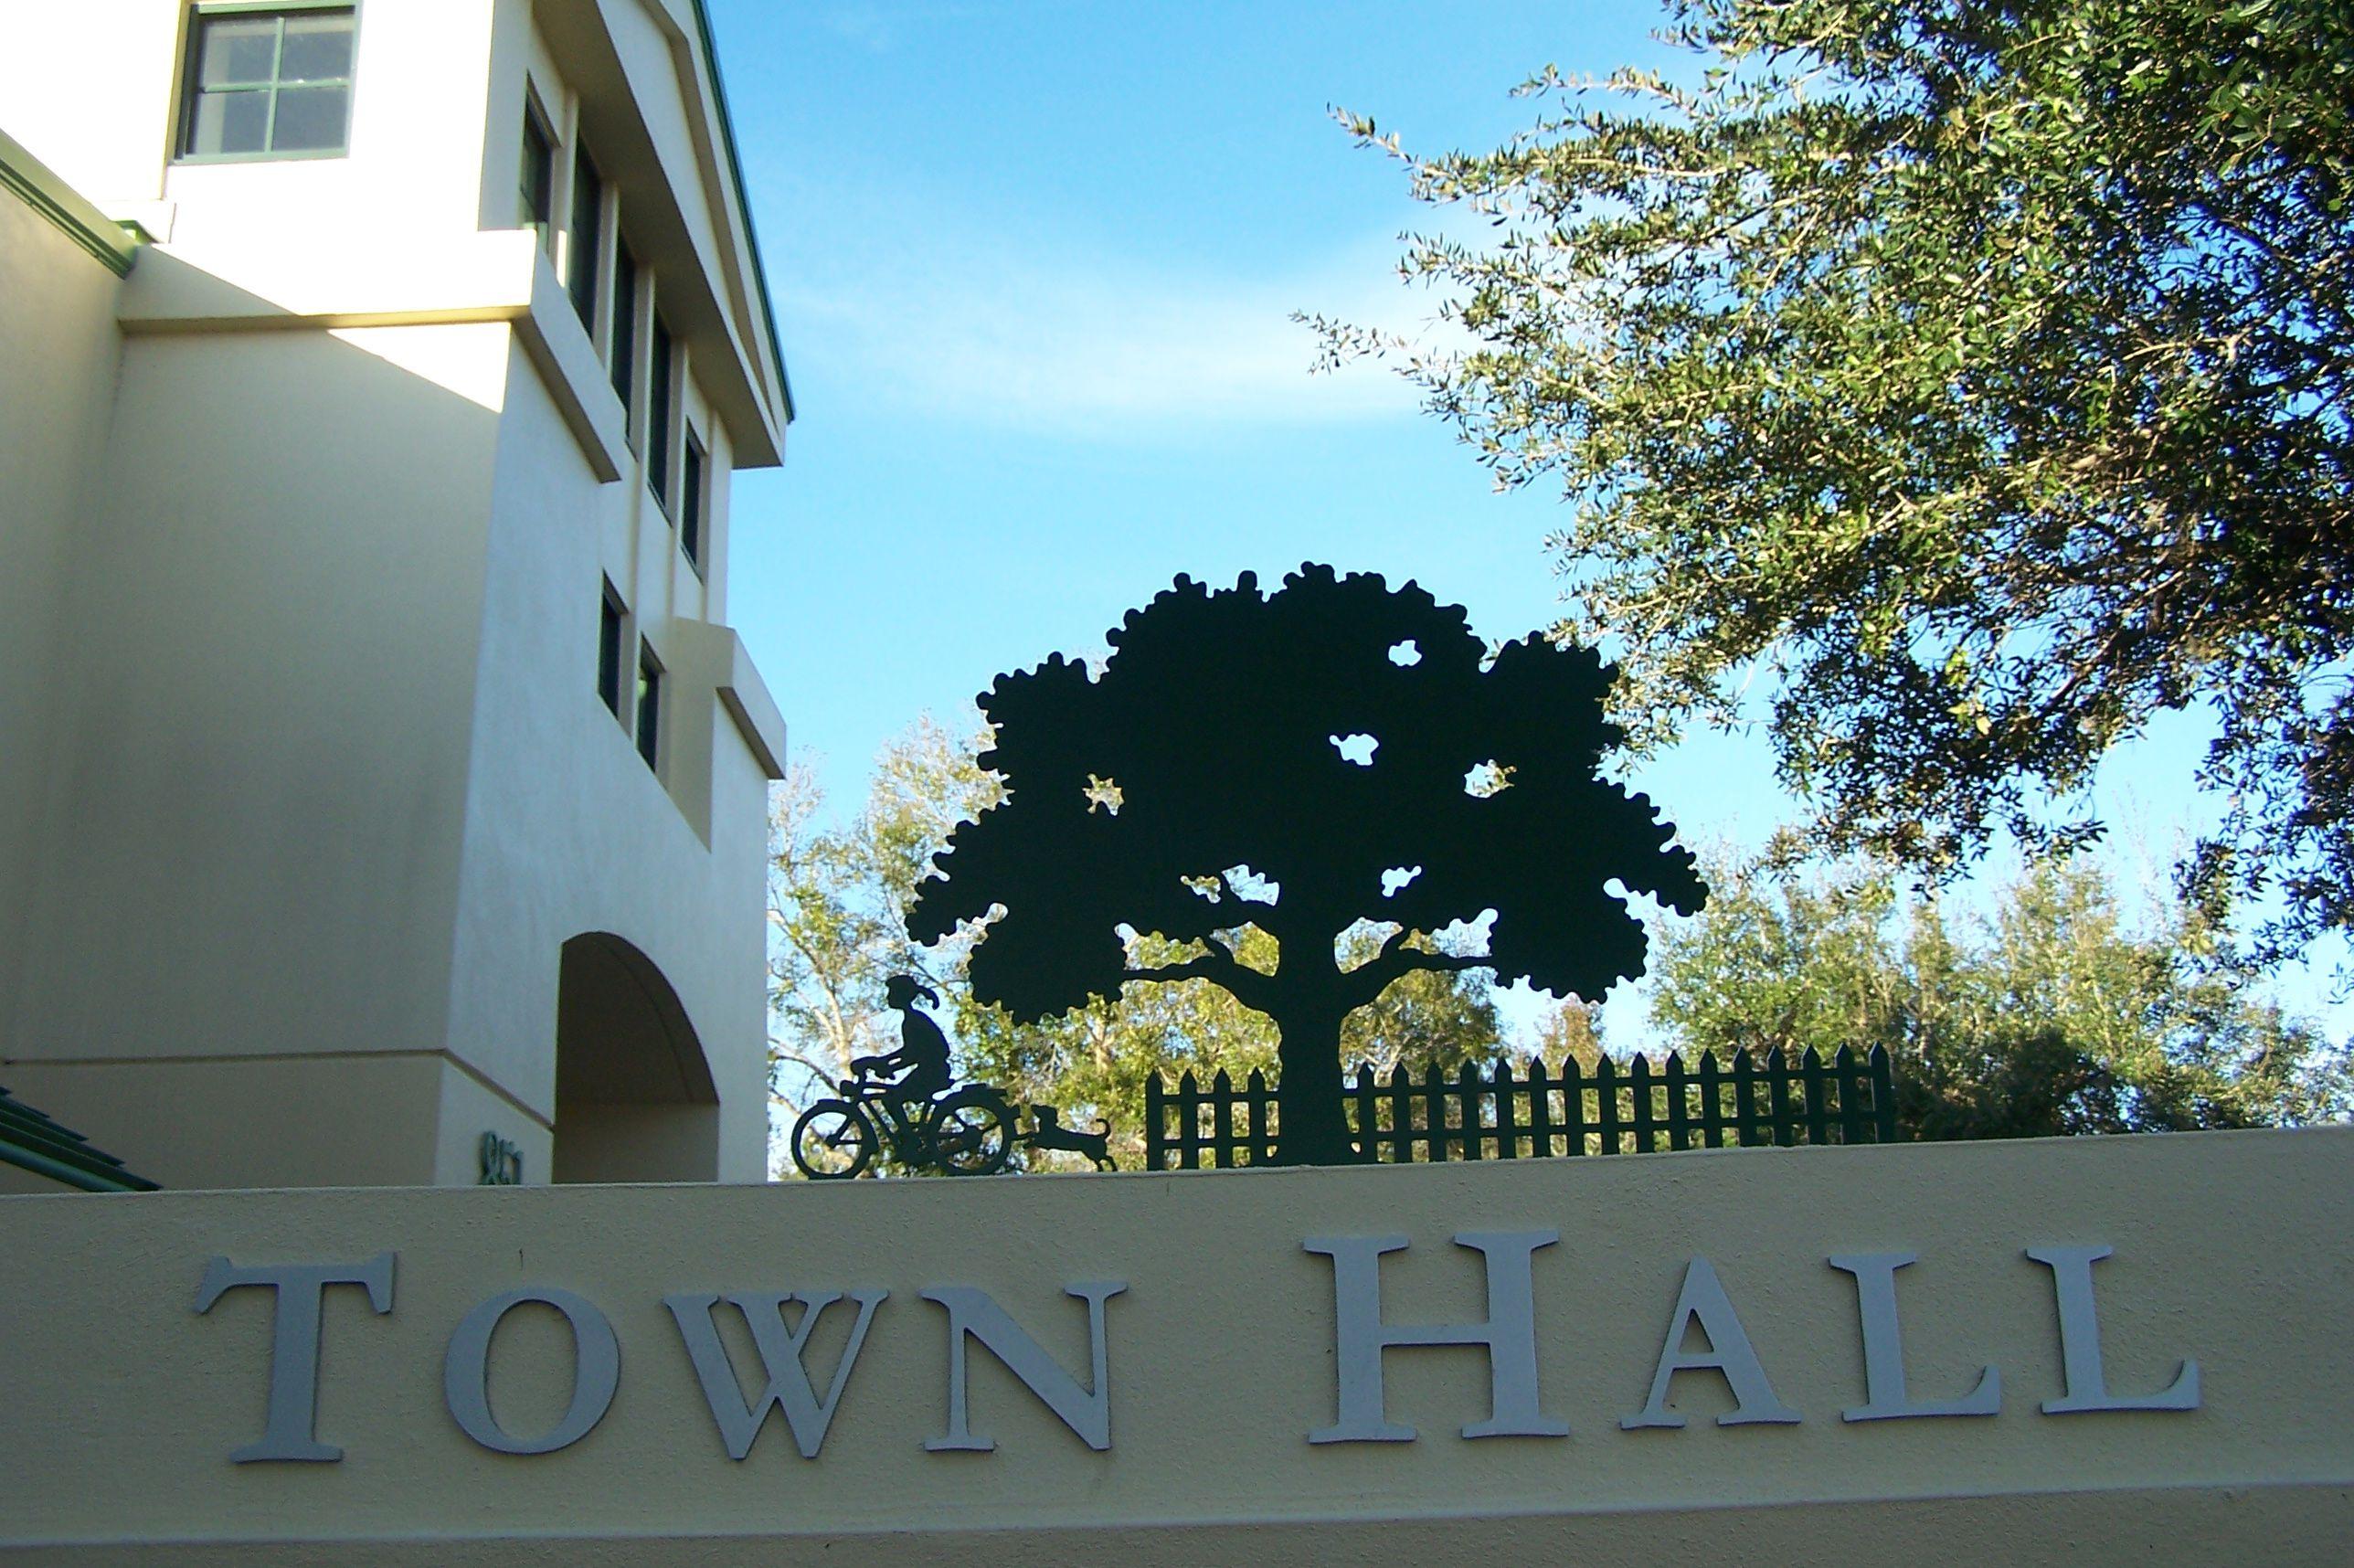 Cartel del Ayuntamiento con escultura en la parte superior: valla, árbol, niño en bicicleta perseguido por un perro